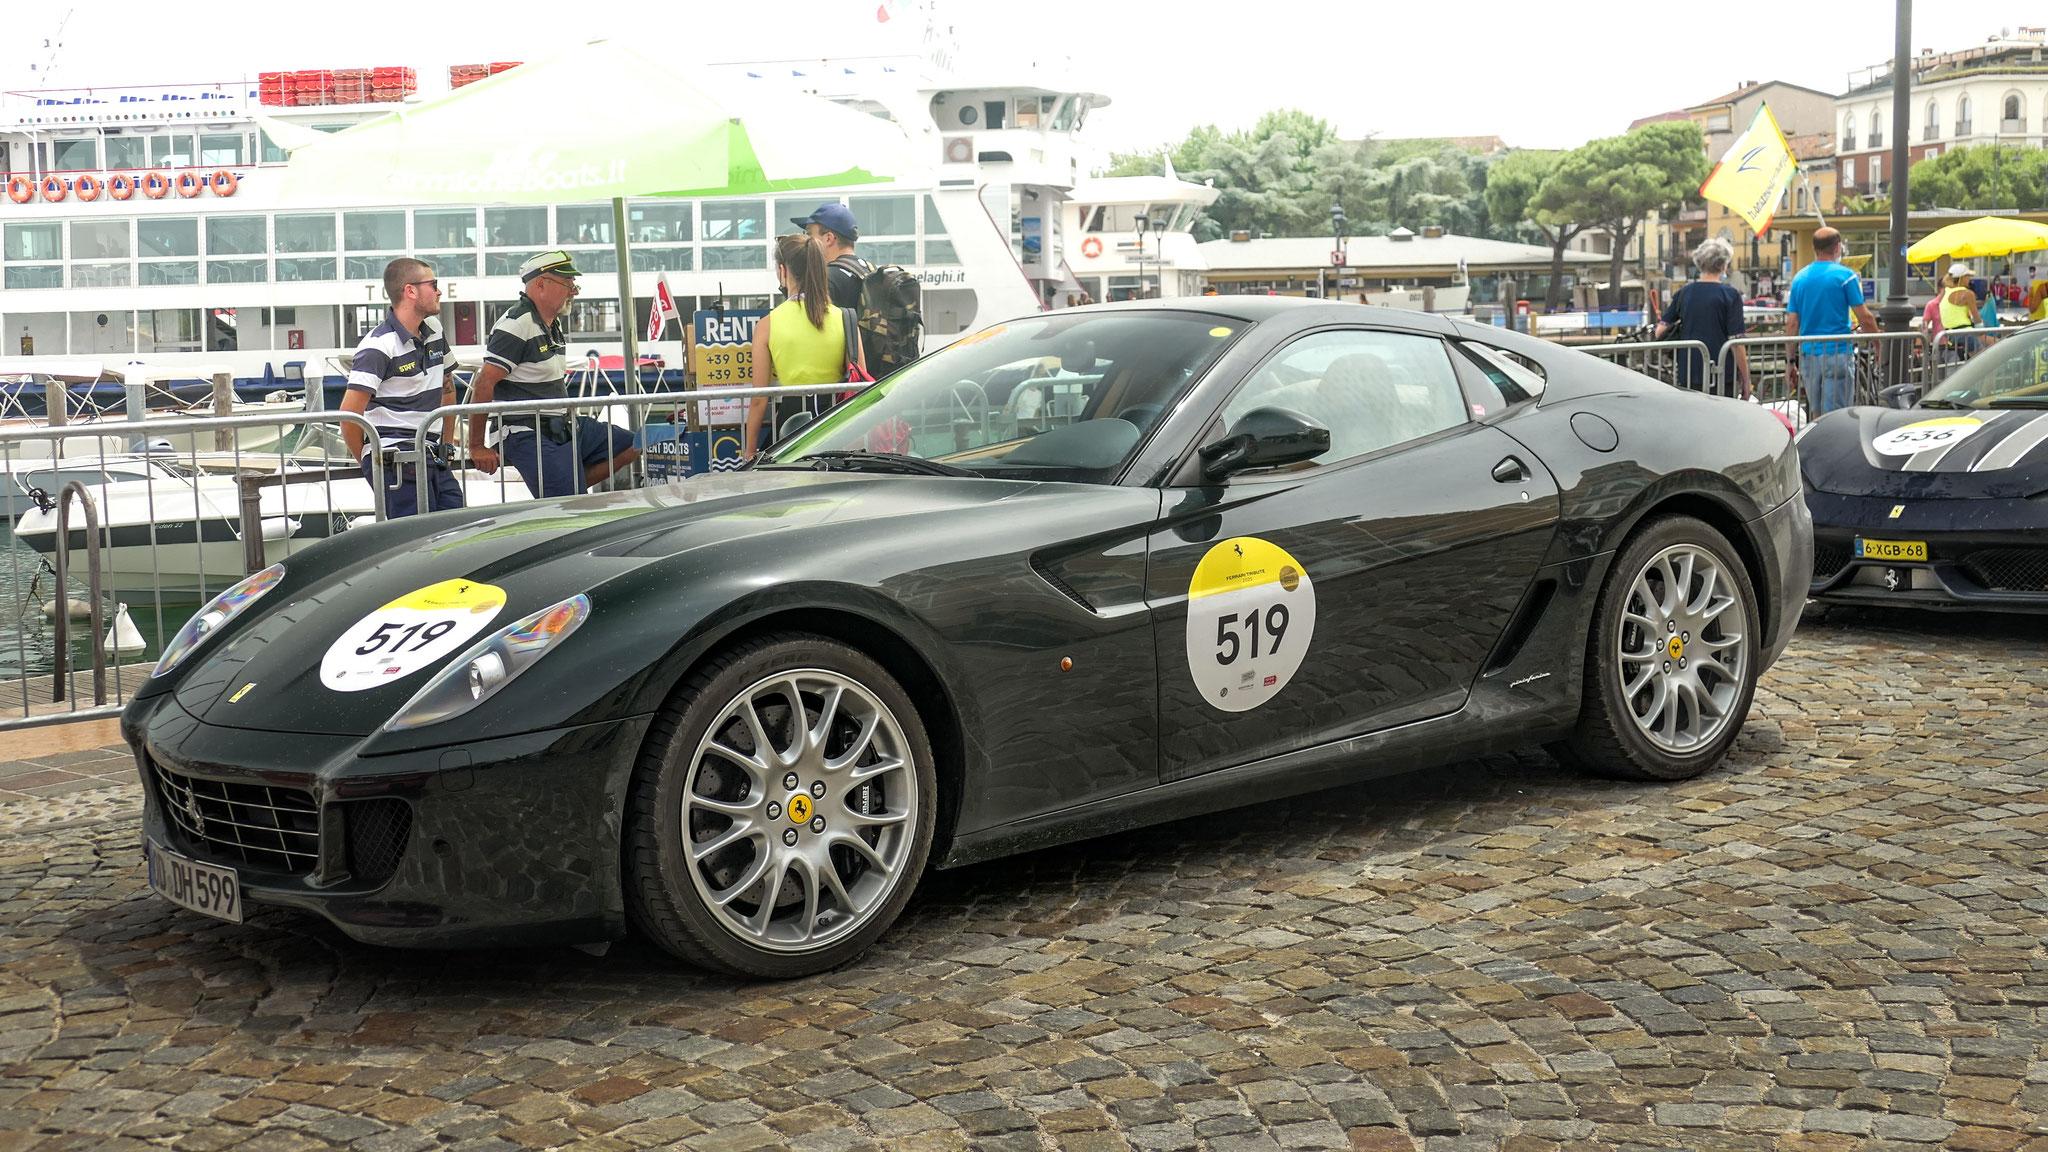 Ferrari 599 GTB - OD-DH-599